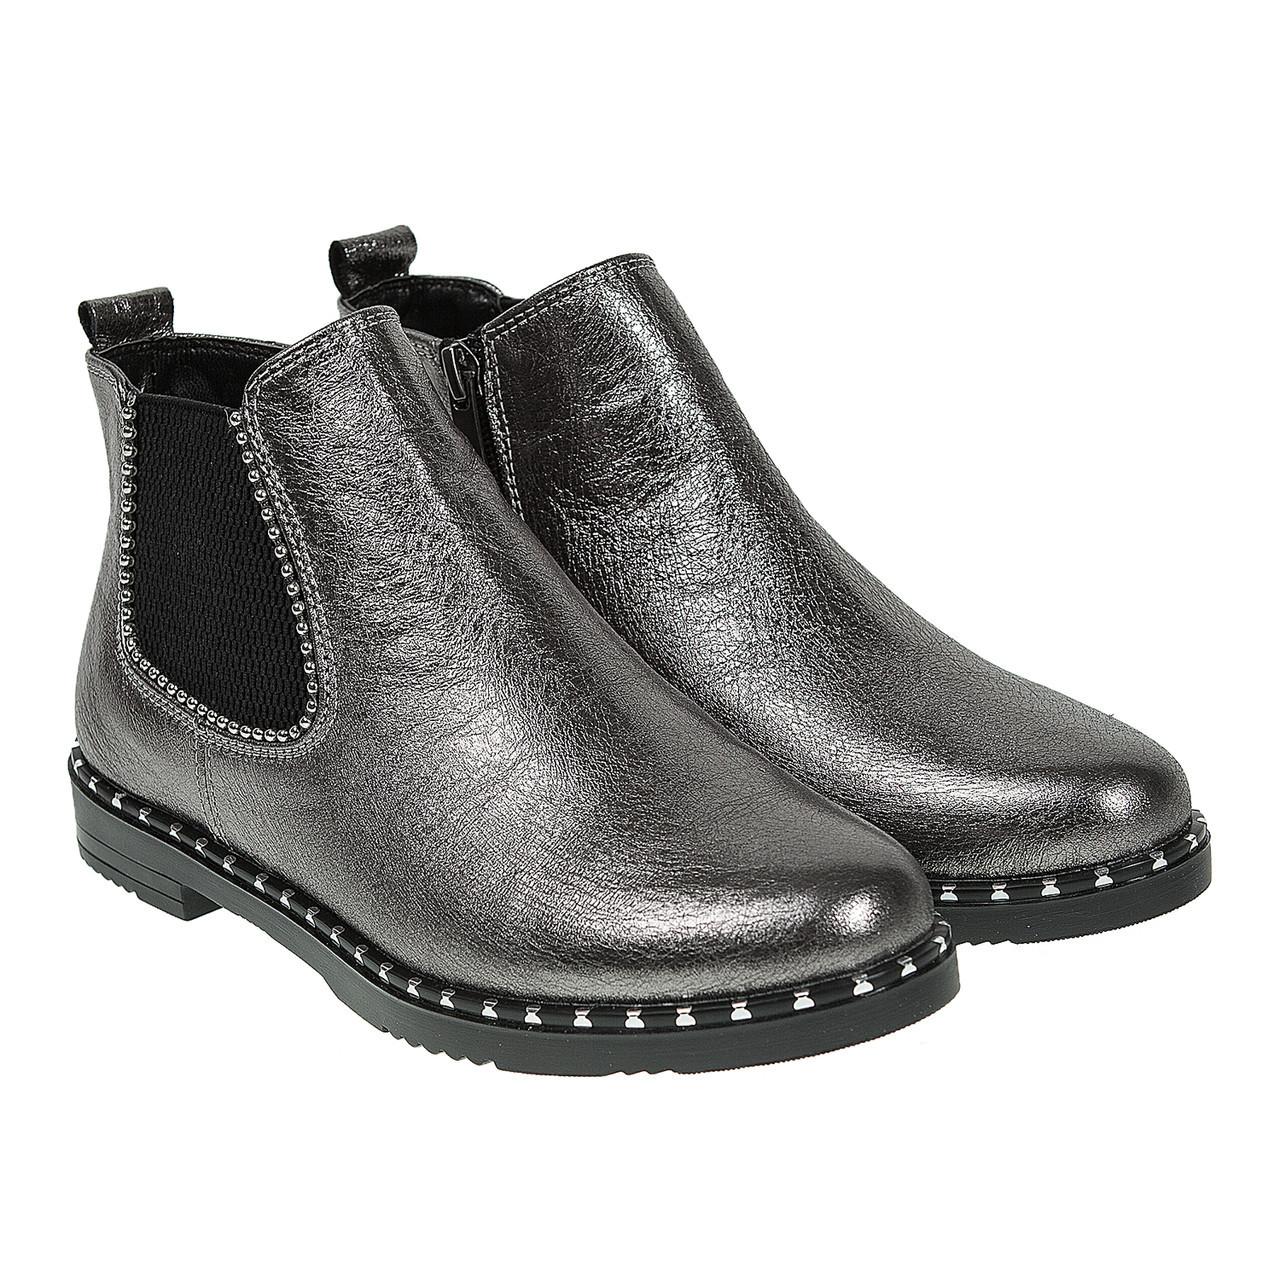 Ботинки Женские Kento (кожаные 0742fa7f31fd8